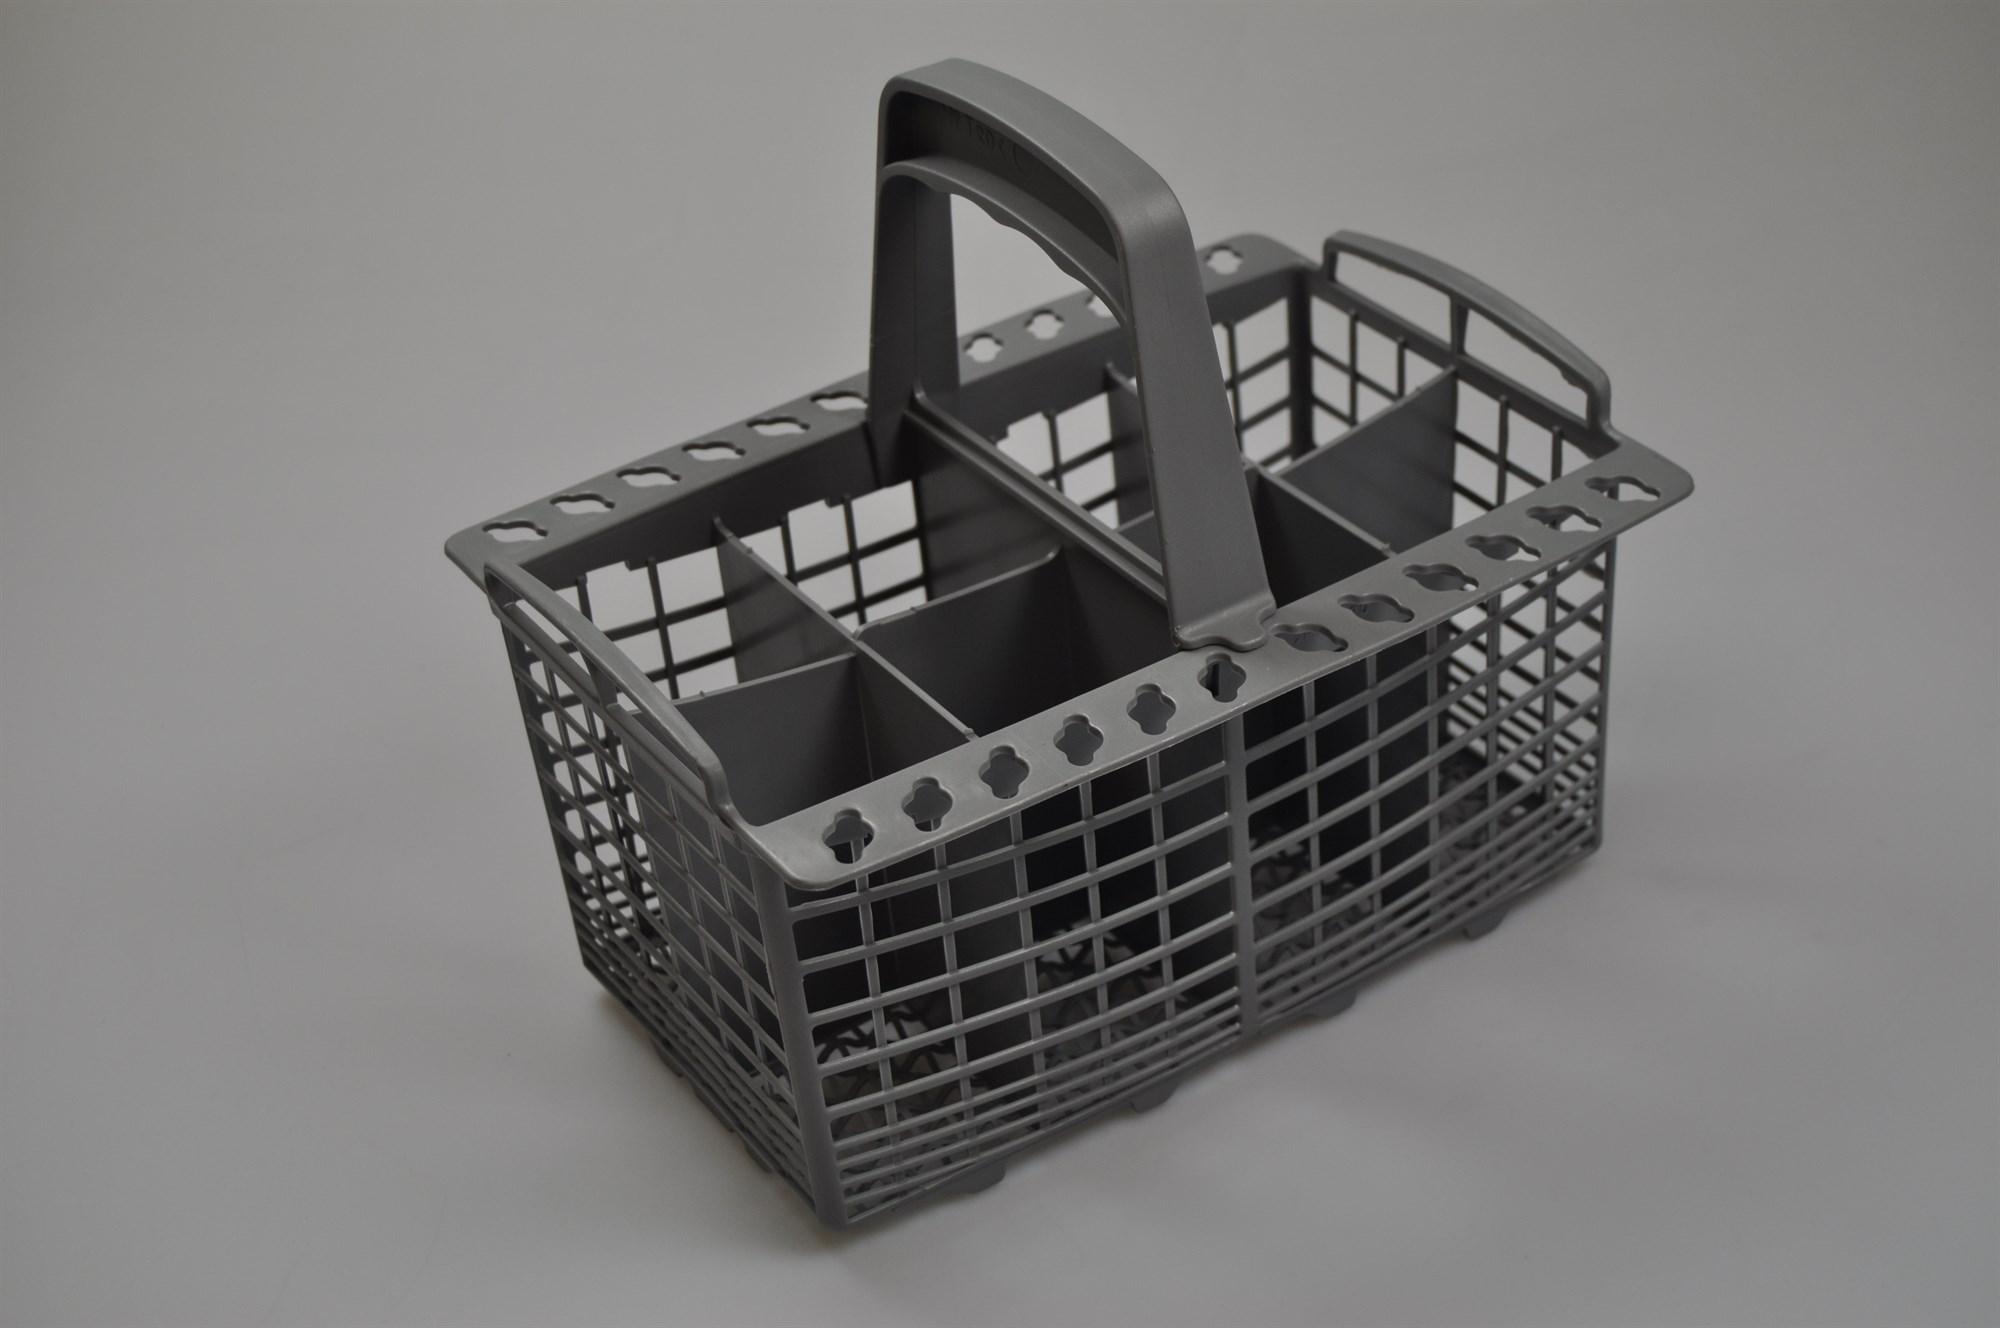 Besteckkorb Ariston Geschirrspuler